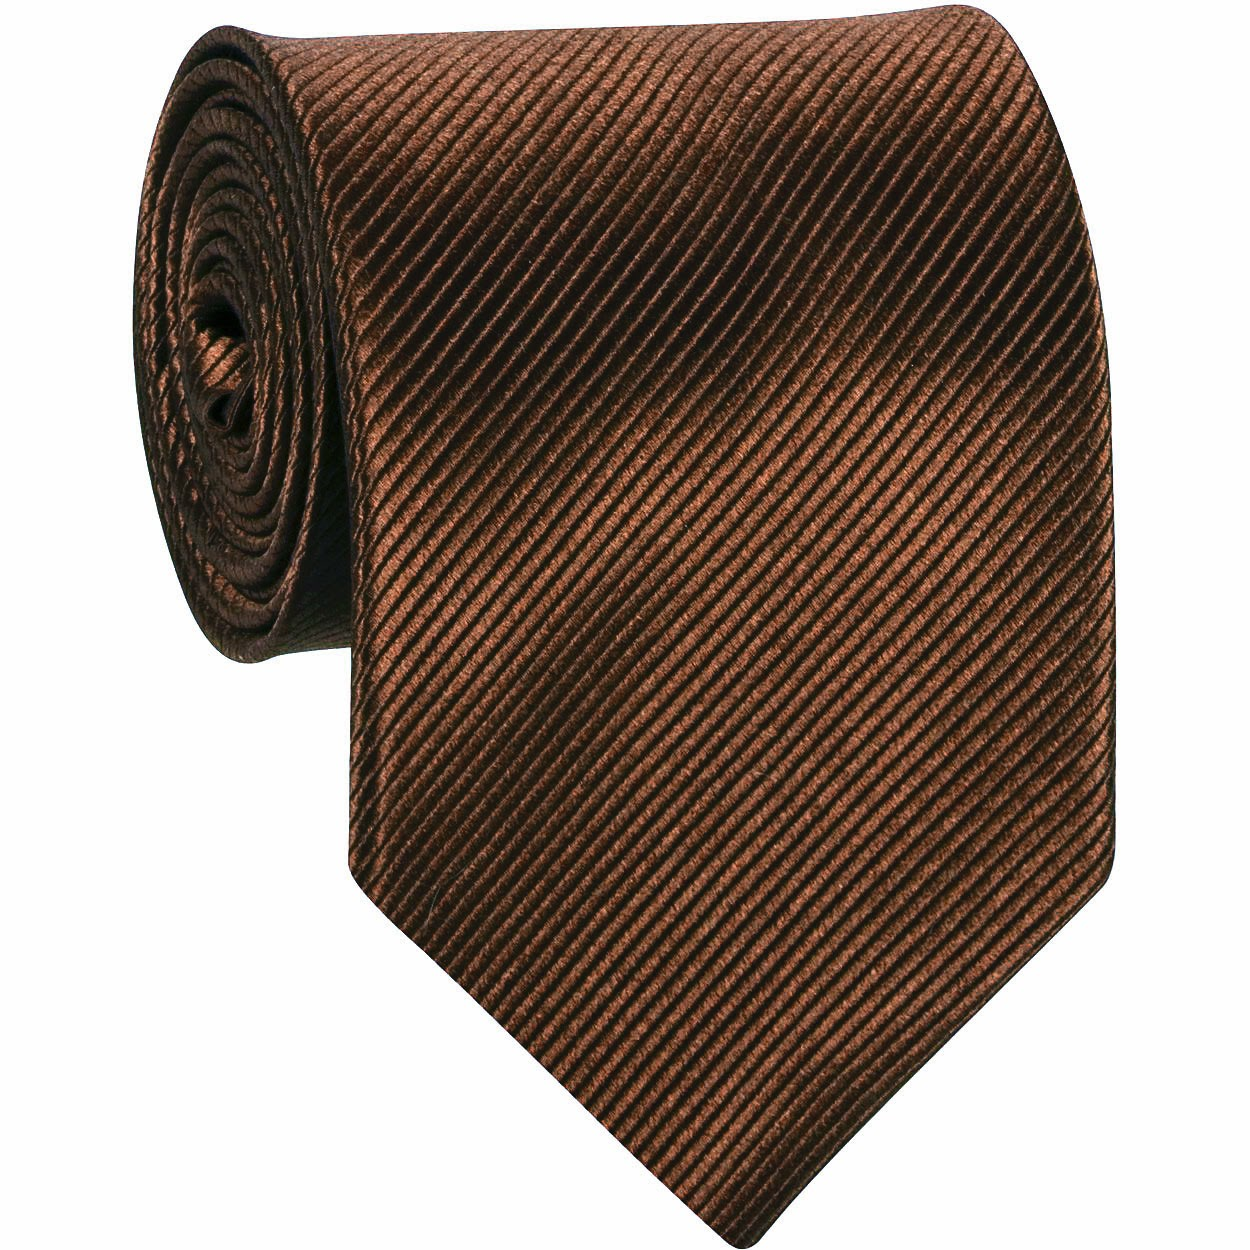 http://www.buyyourties.com/solid-ties-c-56.html